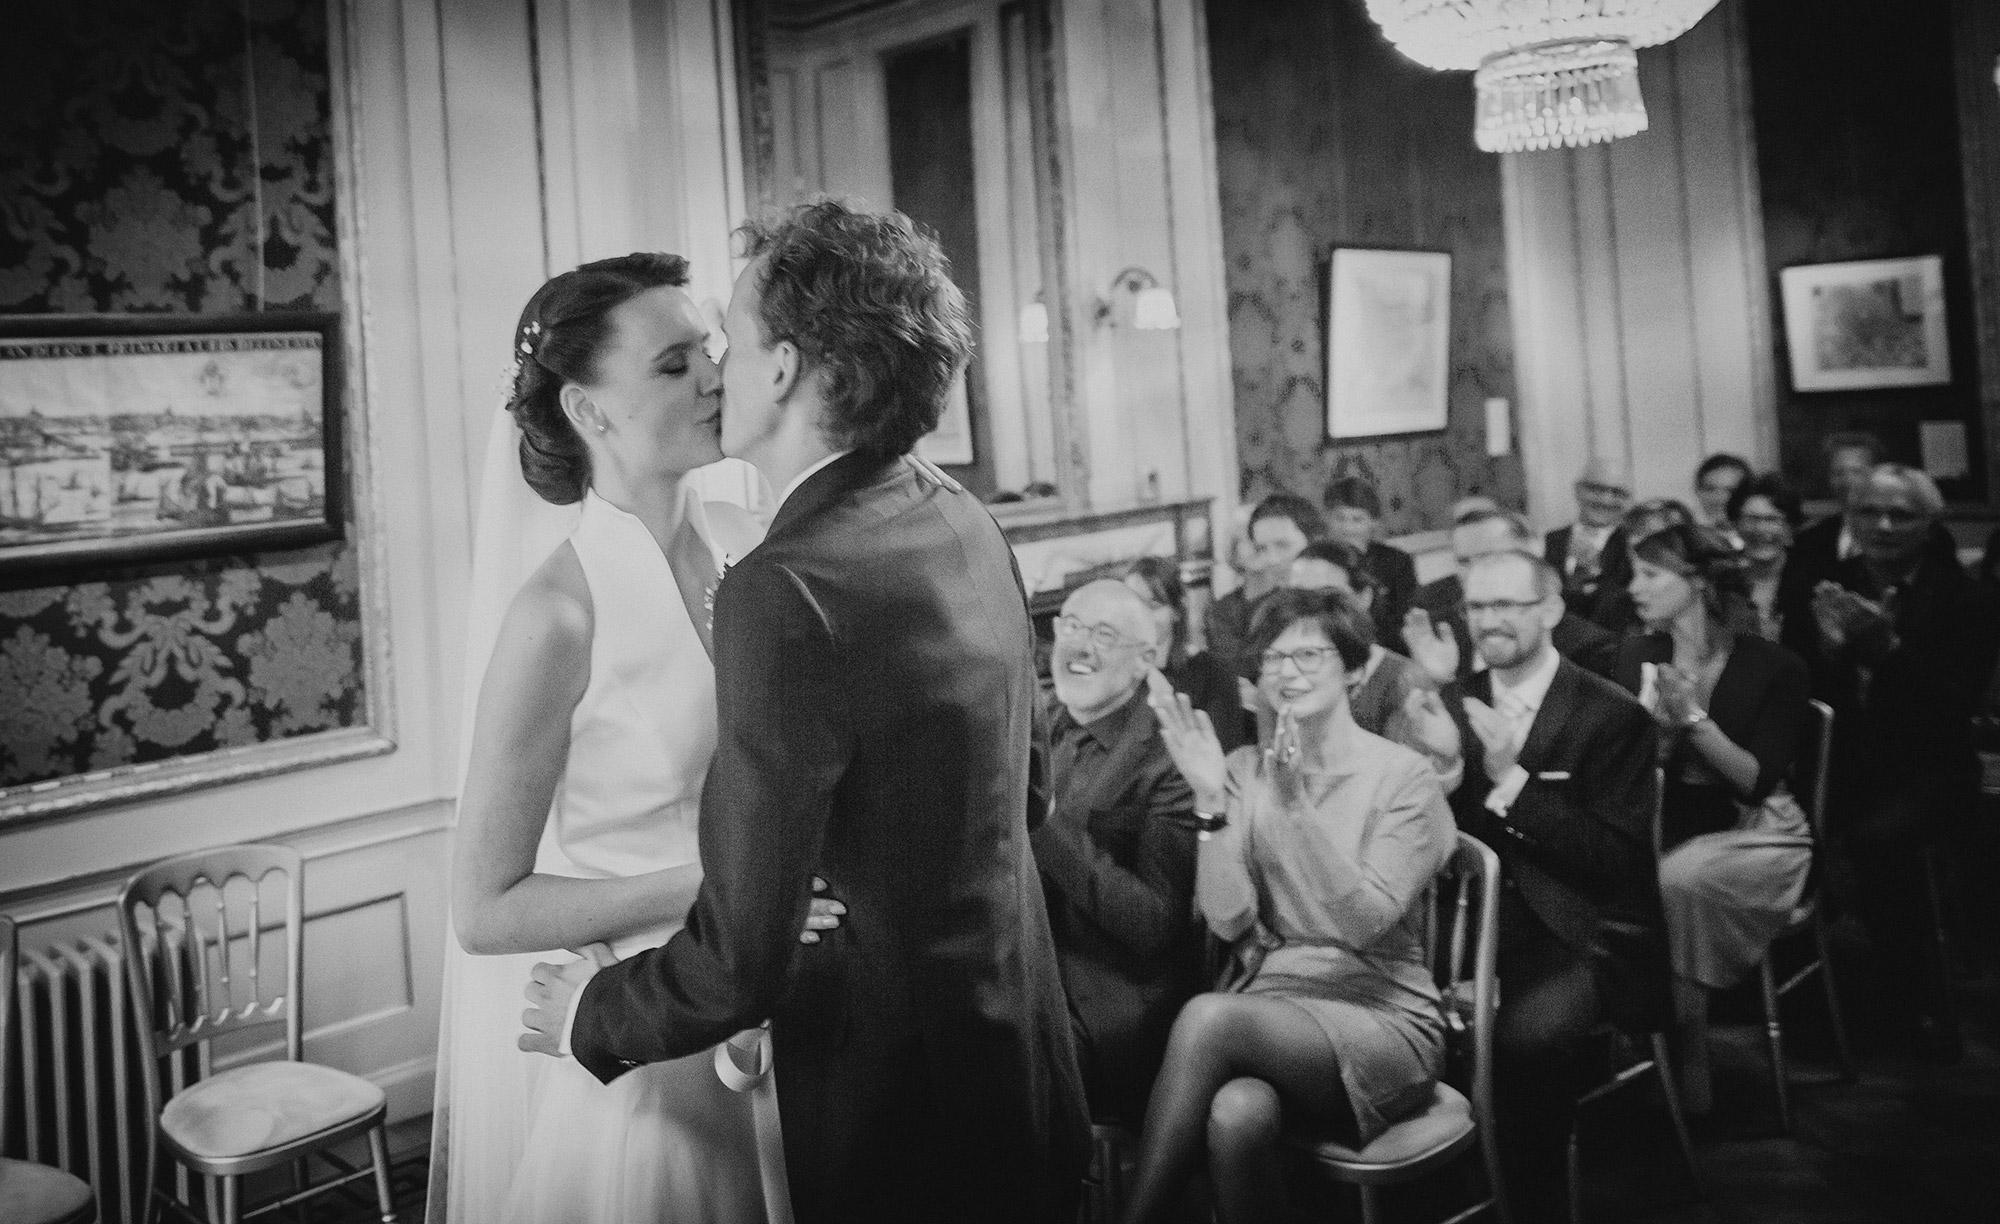 huwelijksceremonie Amsterdam trouwfoto